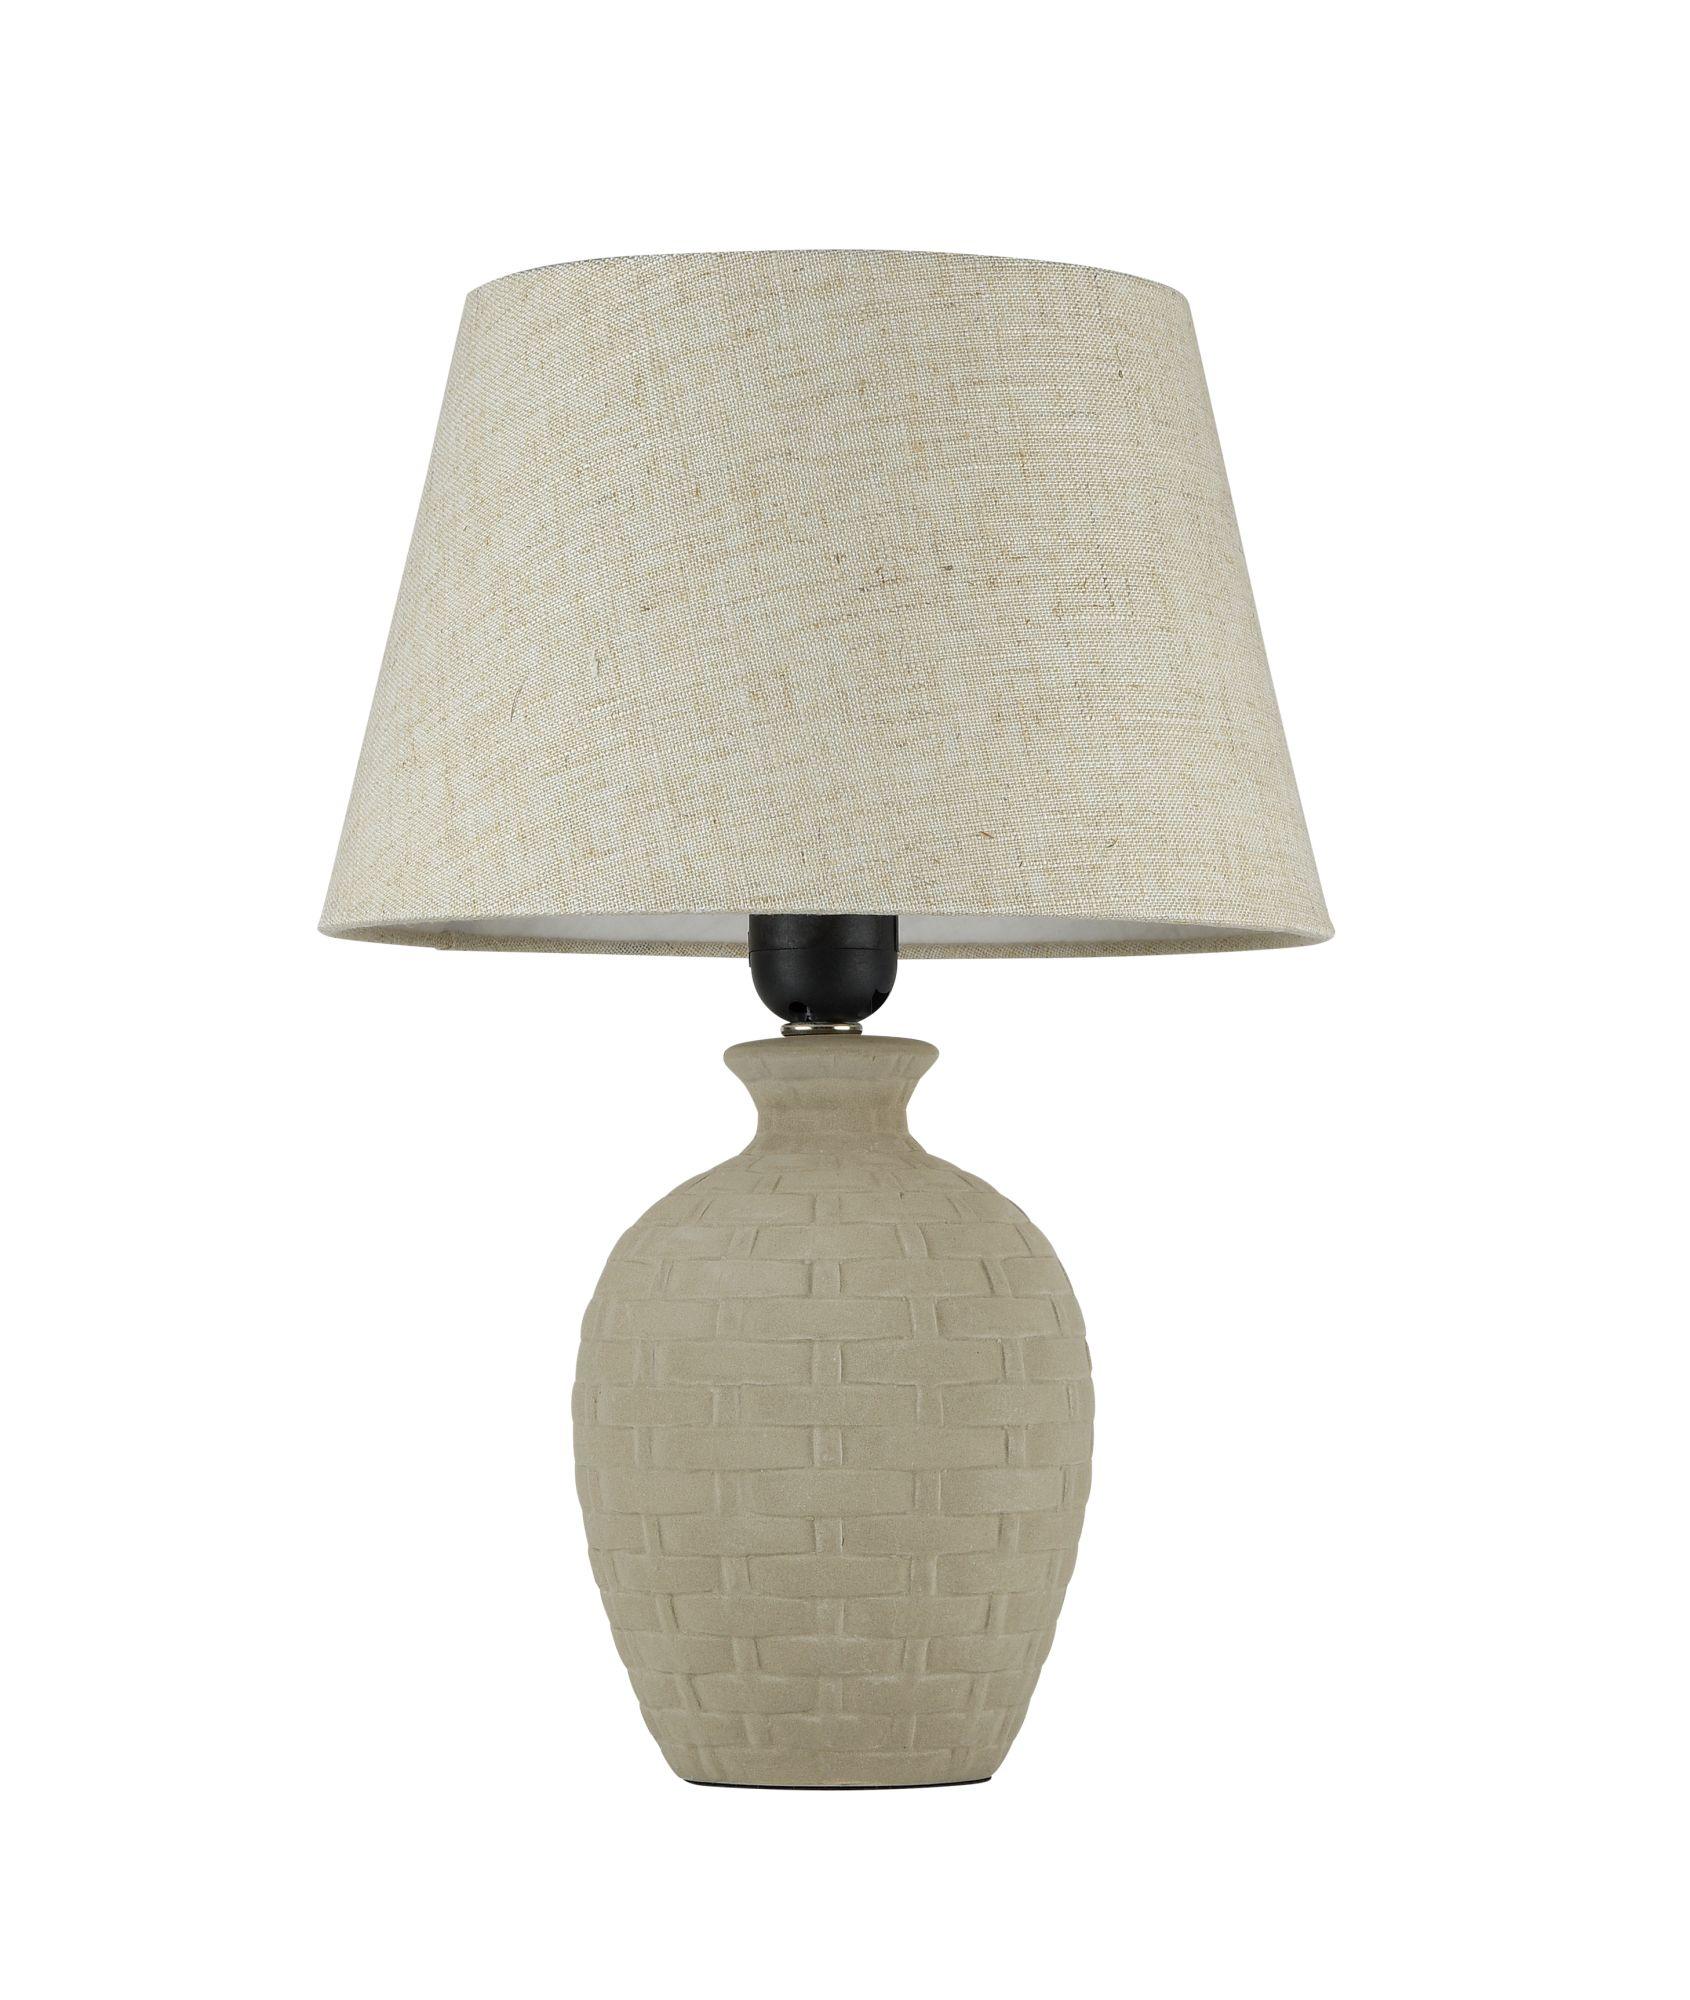 Настольная лампа Maytoni Z003-TL-01-W Кремовый 1хE27х60W настольная лампа maytoni h235 tl 01 g